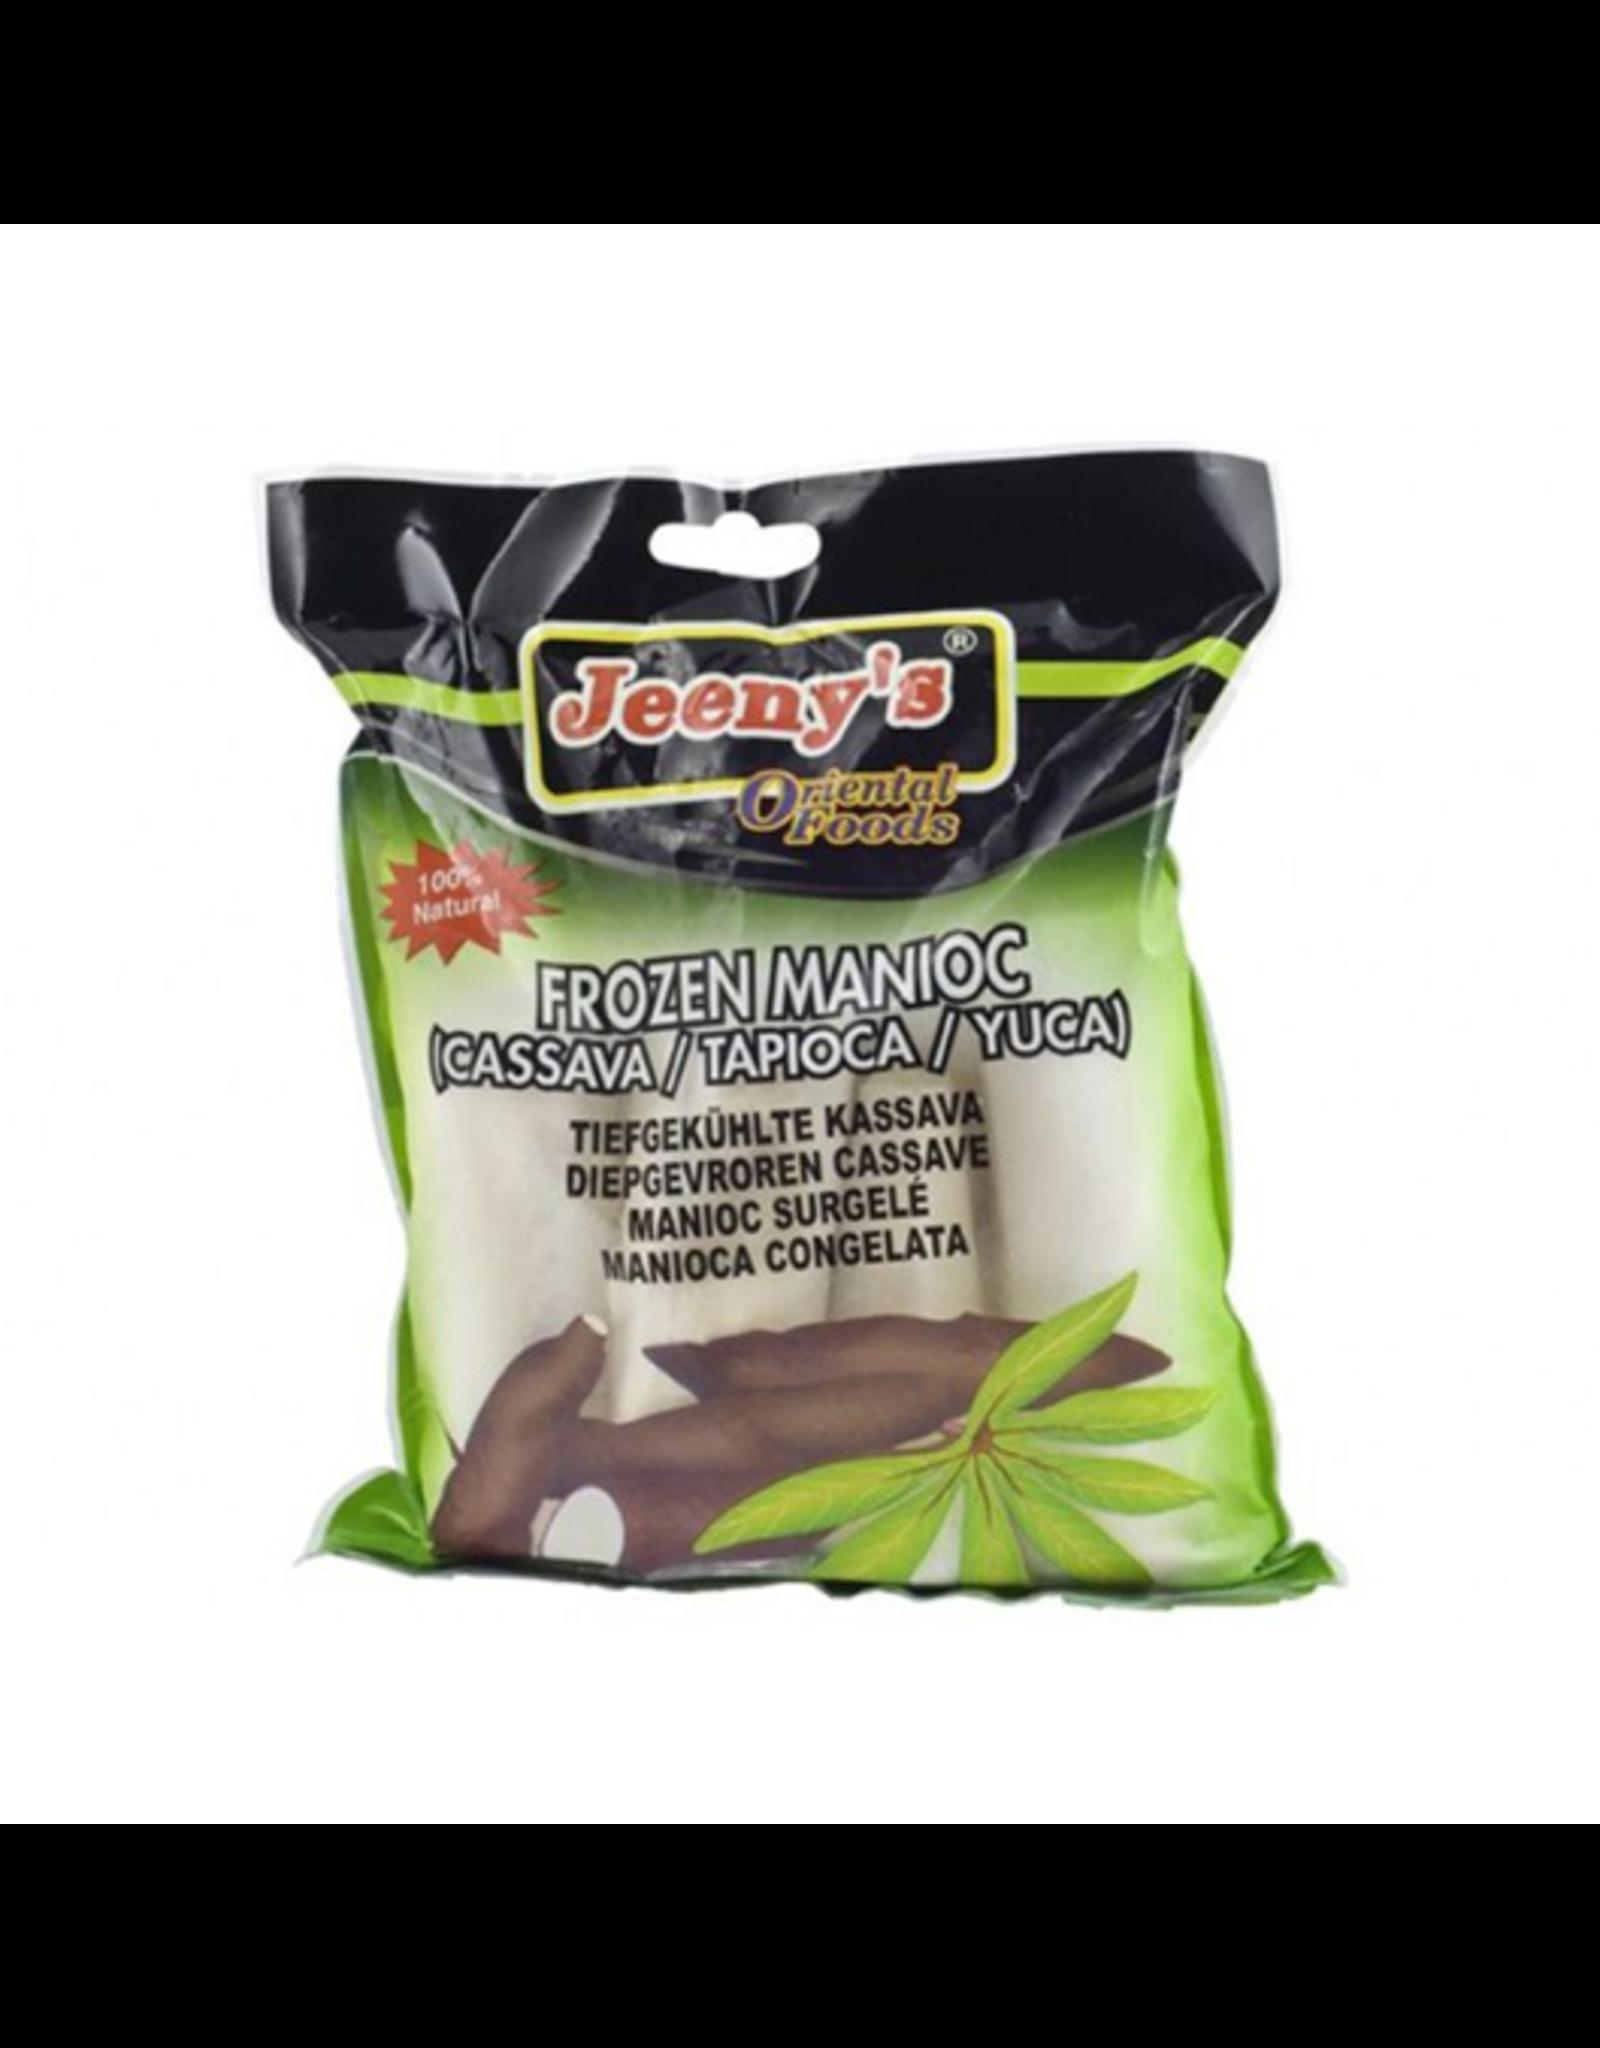 Jeeny's Cassava stukjes